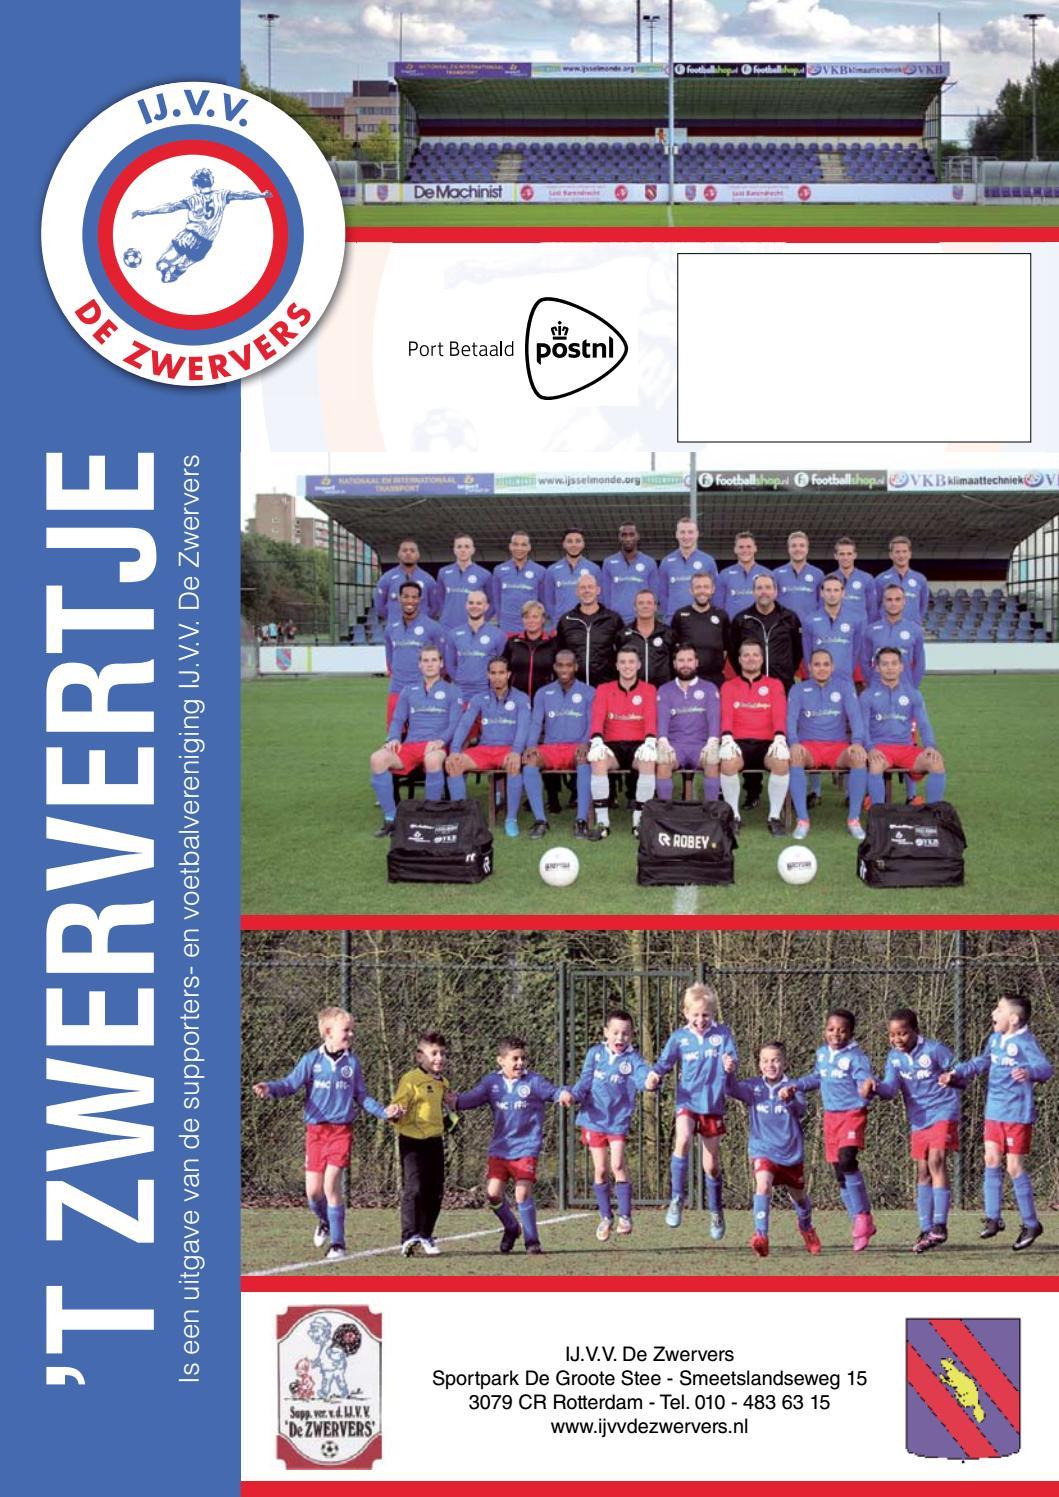 t Zwervertje editie 3 seizoen 20162017 by IJVV De Zwervers